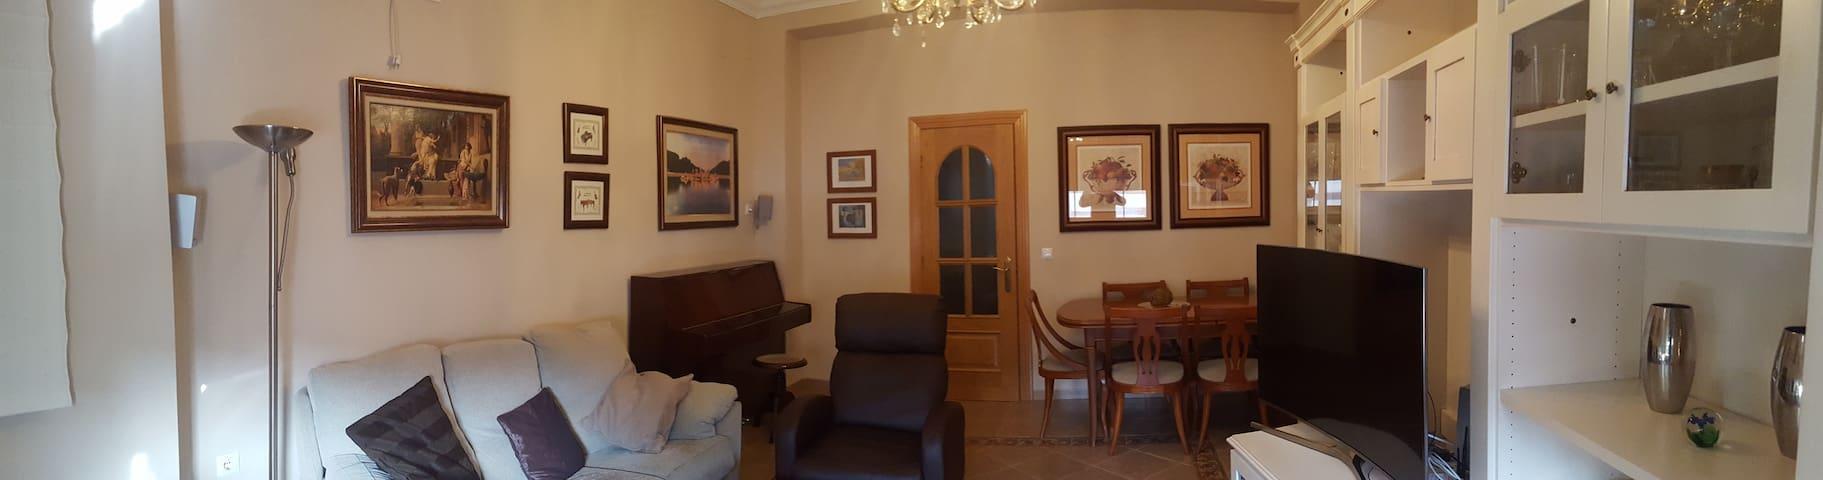 Apartamento en el Centro de Andalucía - Cuevas Bajas - Apartemen